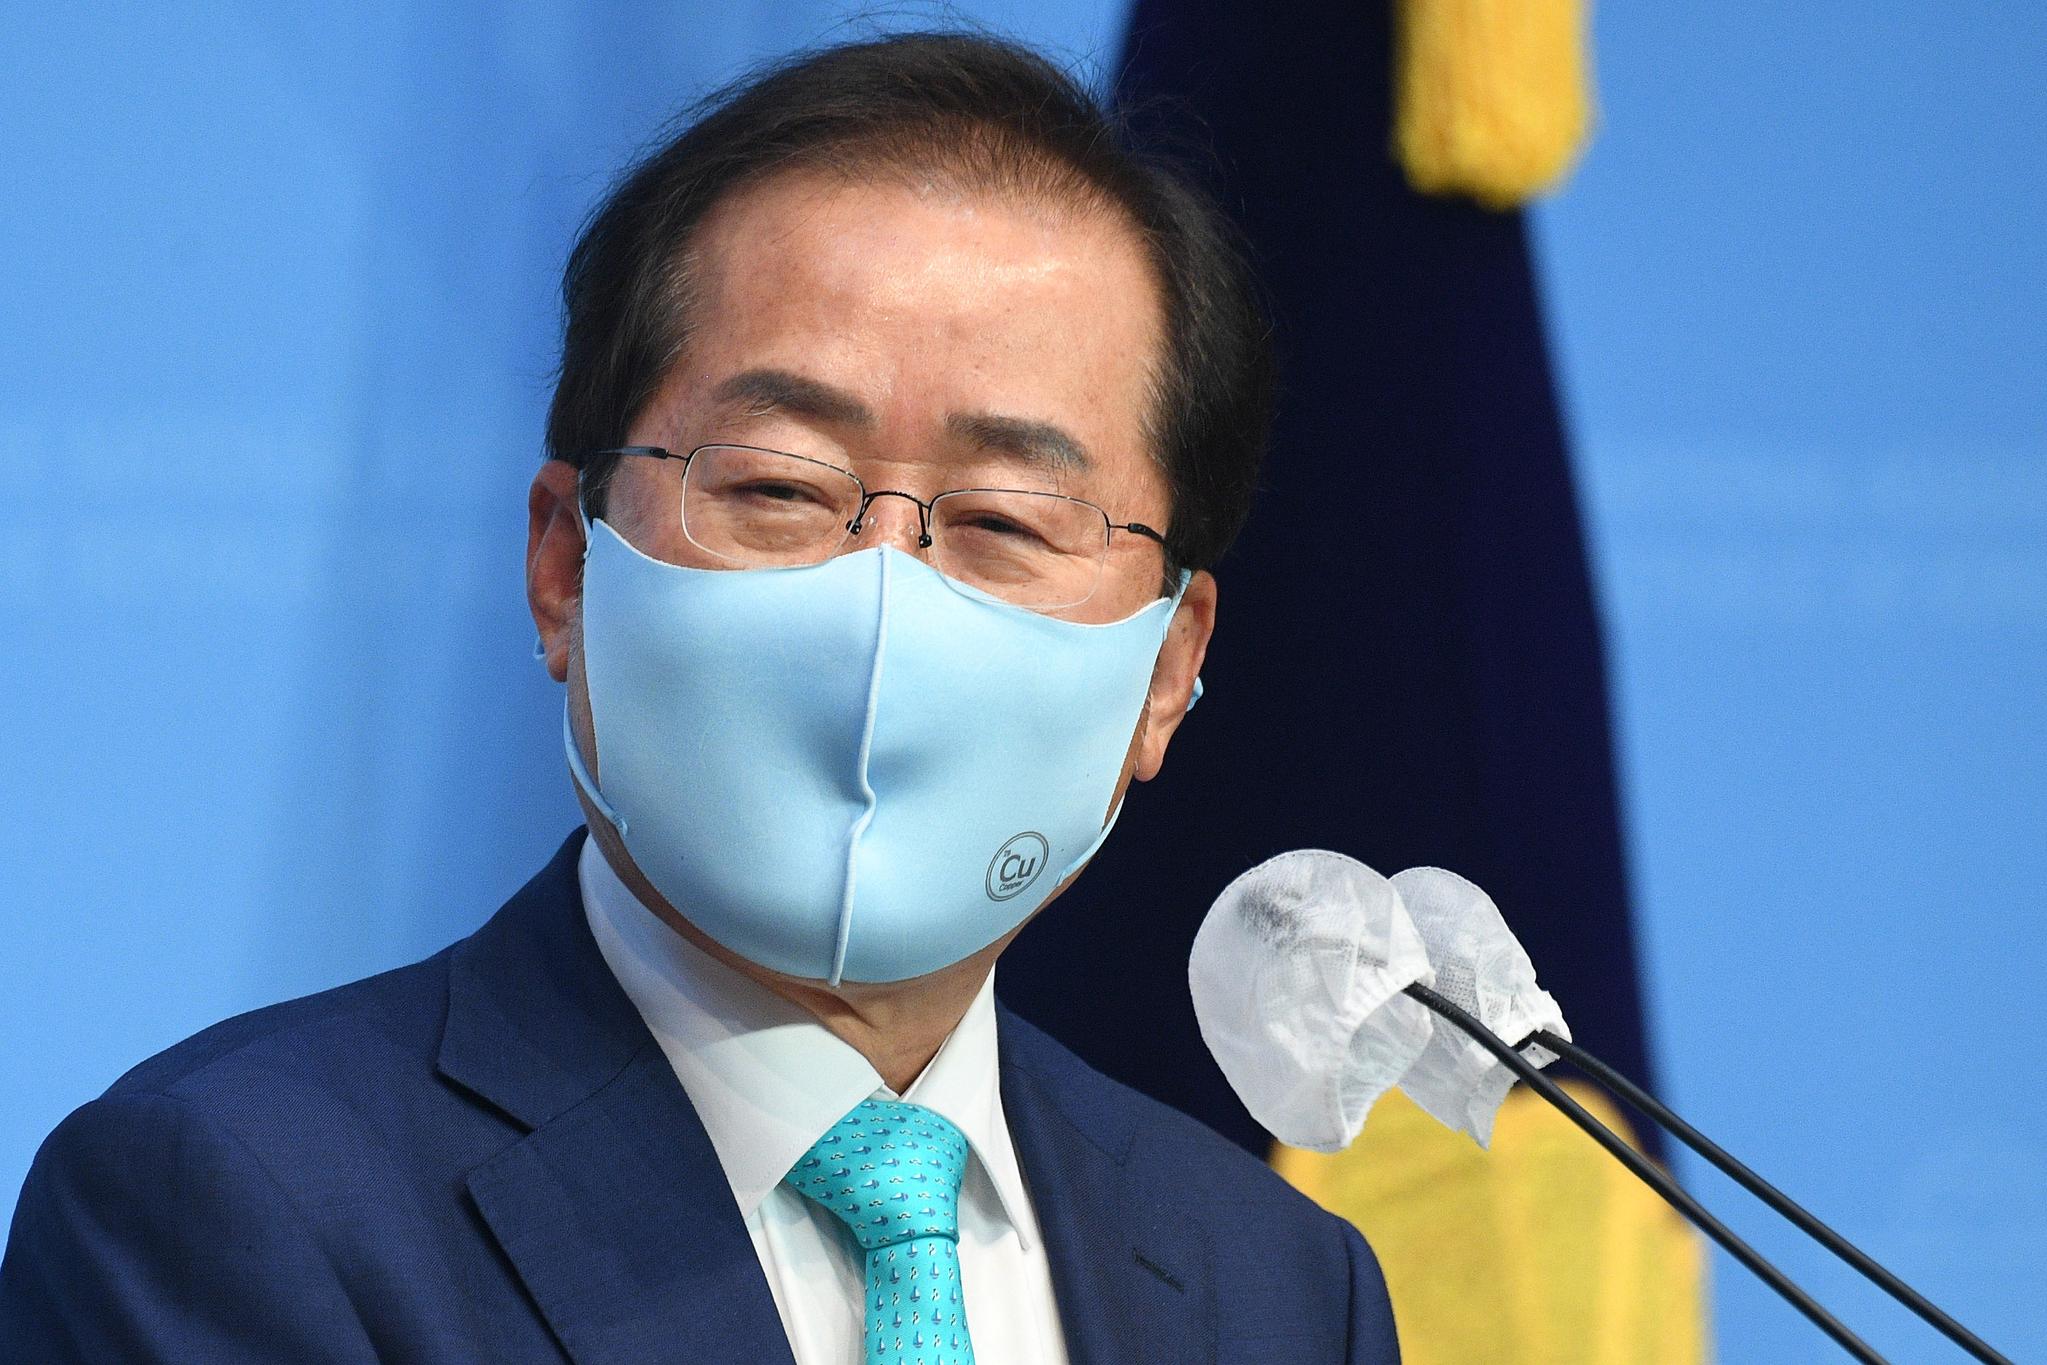 홍준표 무소속 의원이 10일 오전 서울 여의도 국회 소통관에서 기자회견을 열고 국민의힘에 복당할 것을 밝히고 있다. 뉴스1